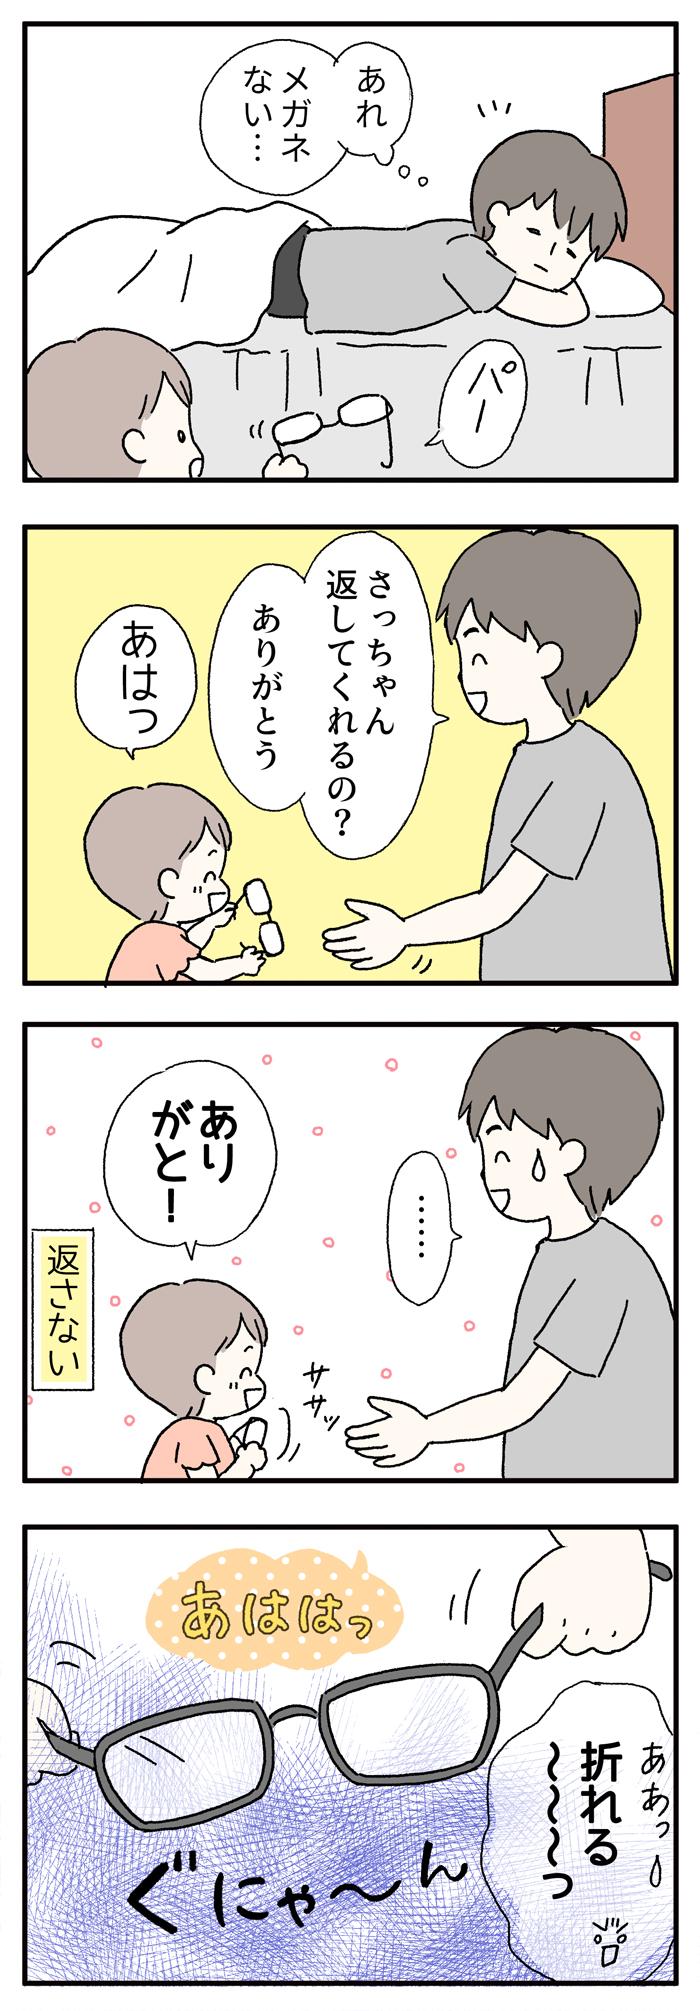 ありがとう【育児漫画】